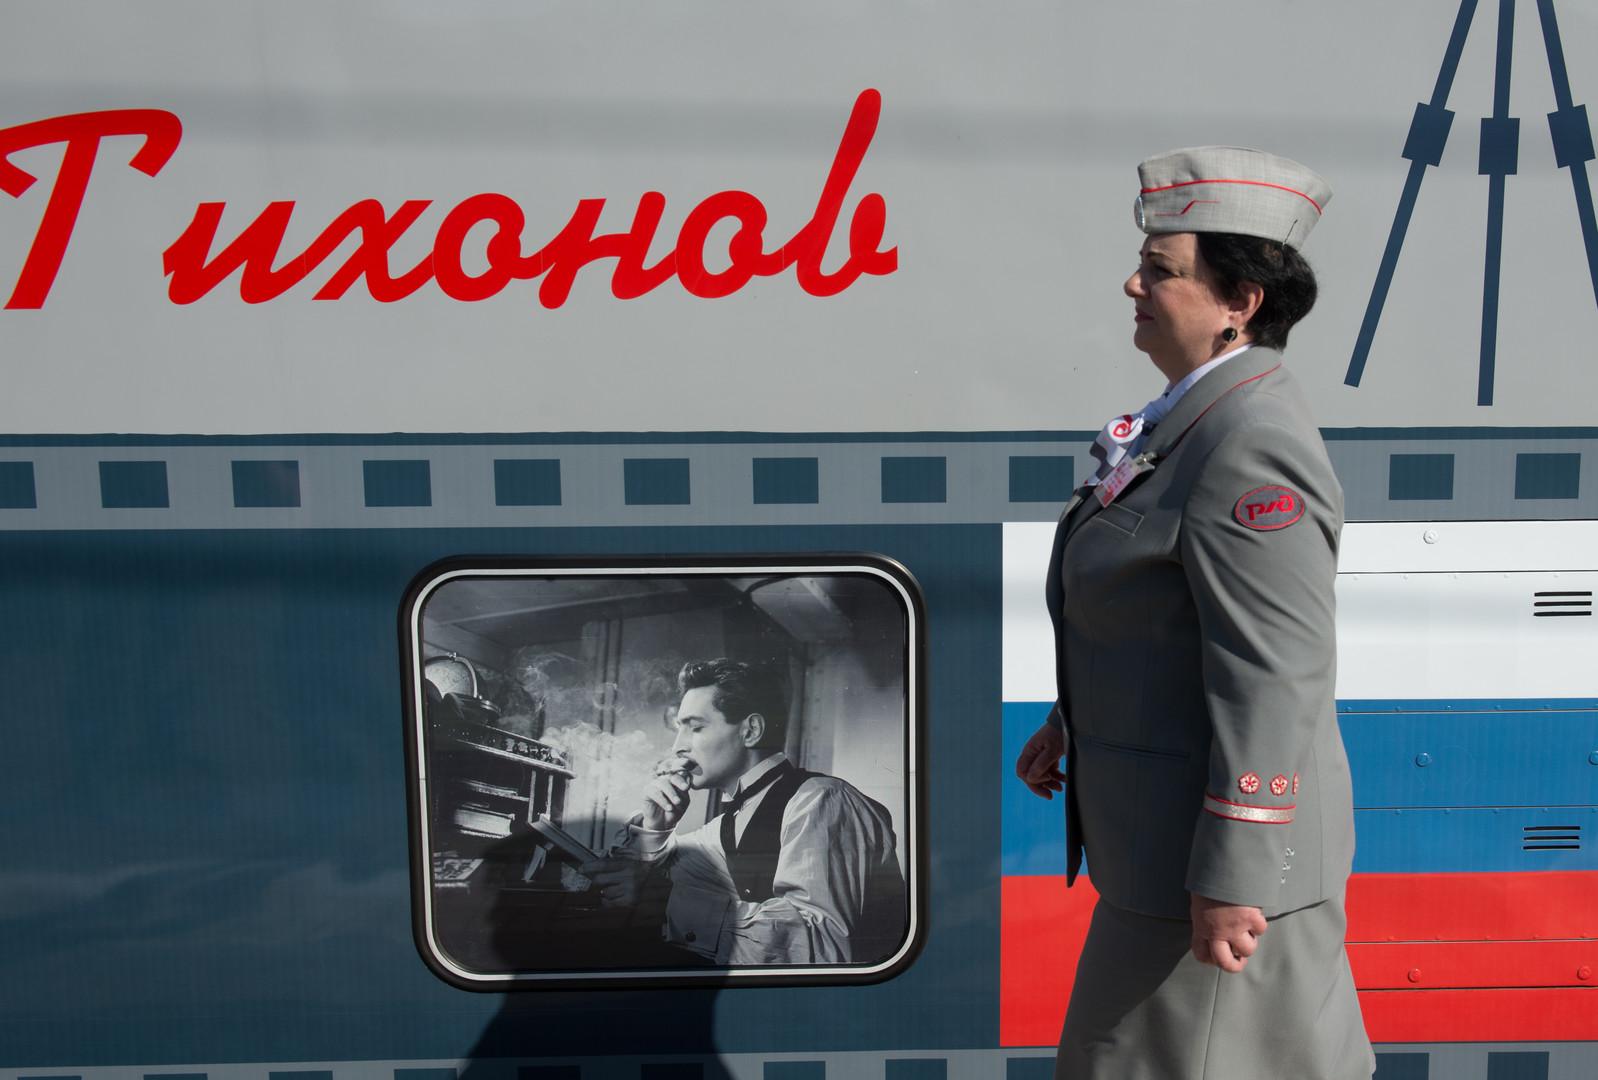 Проводник на перроне Казанского вокзала перед отправлением поезда Москва-Адлер, оформленного в честь Года российского кино и получившего имя Вячеслава Тихонова.